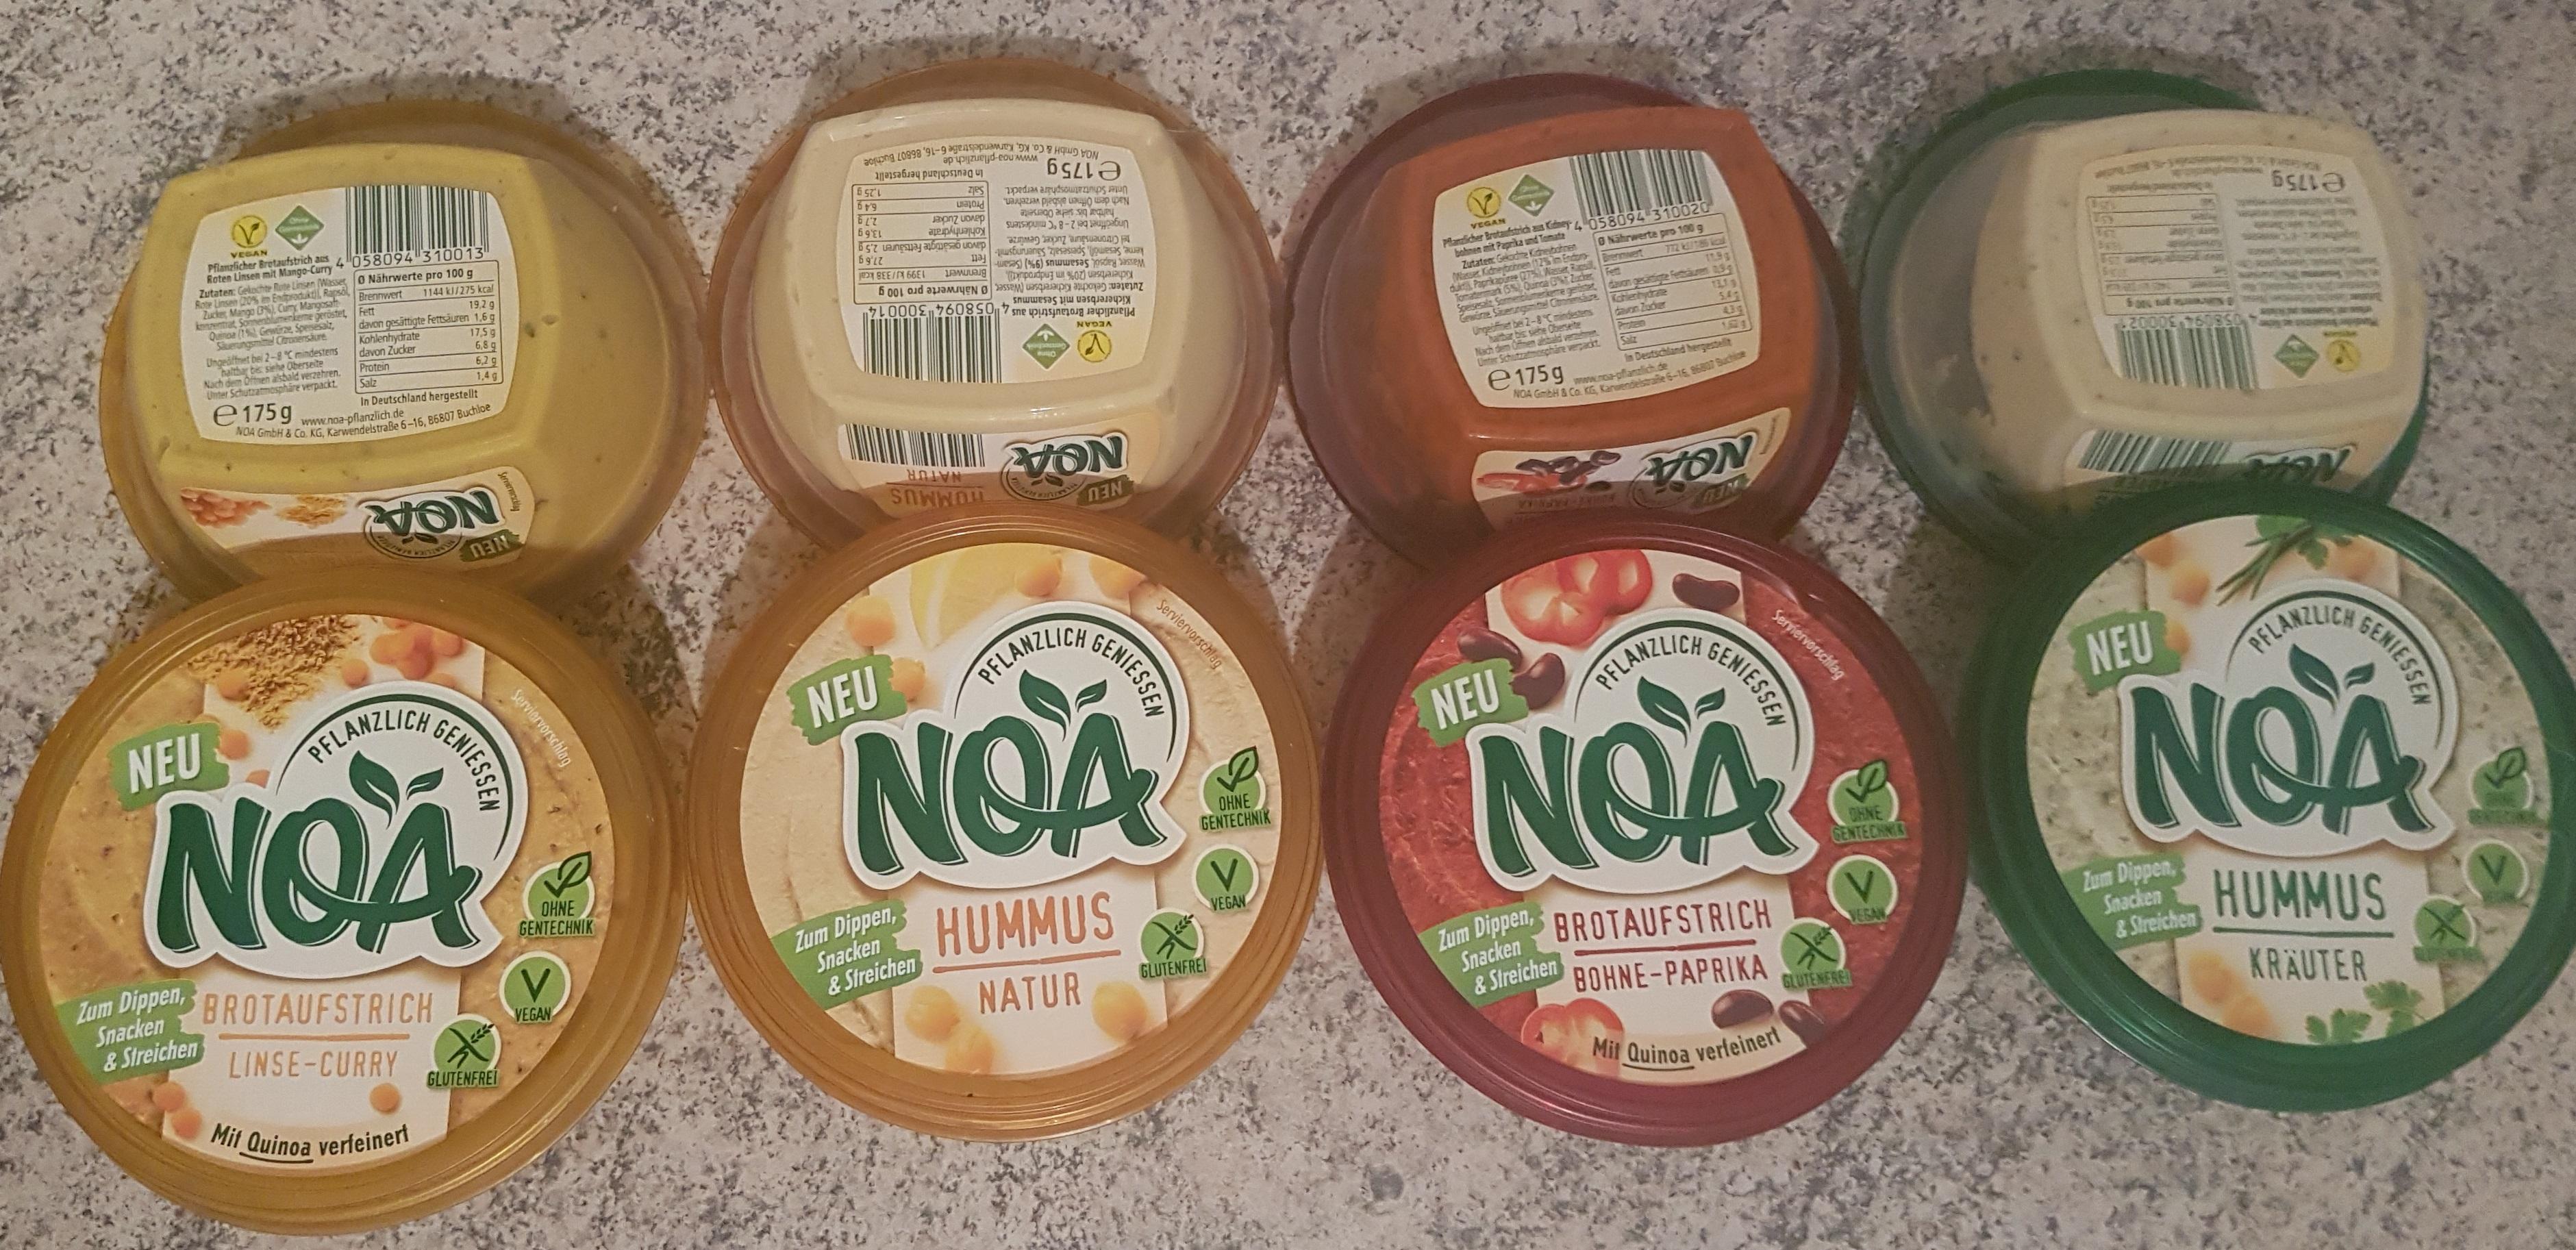 noa-produkteuebersicht